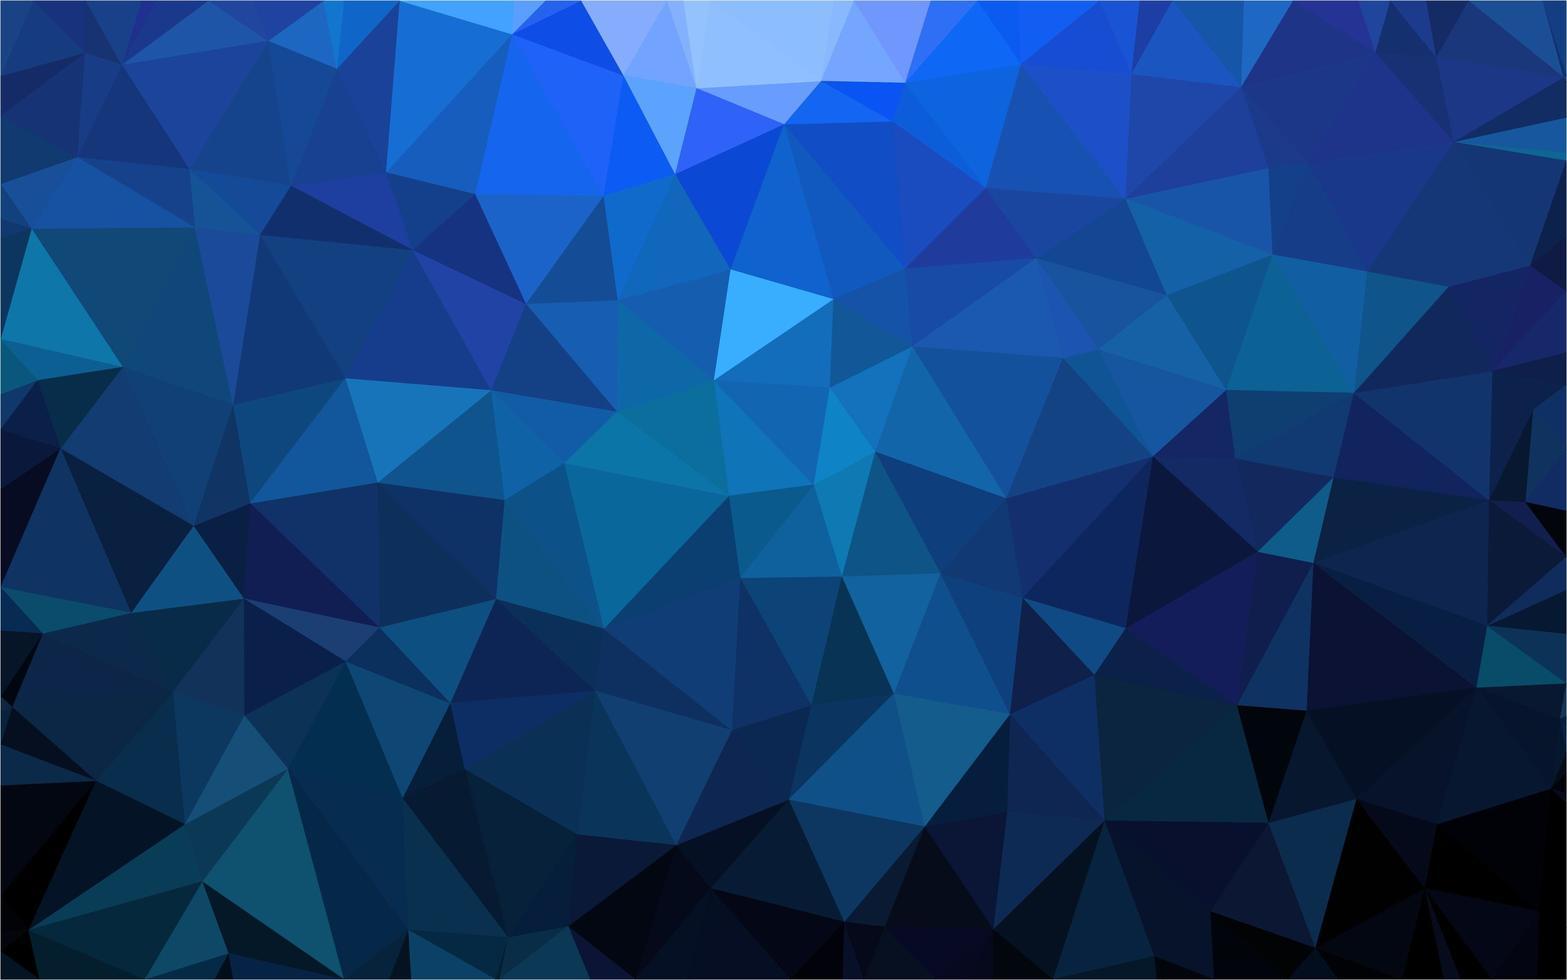 polygonaler blauer Hintergrund vektor